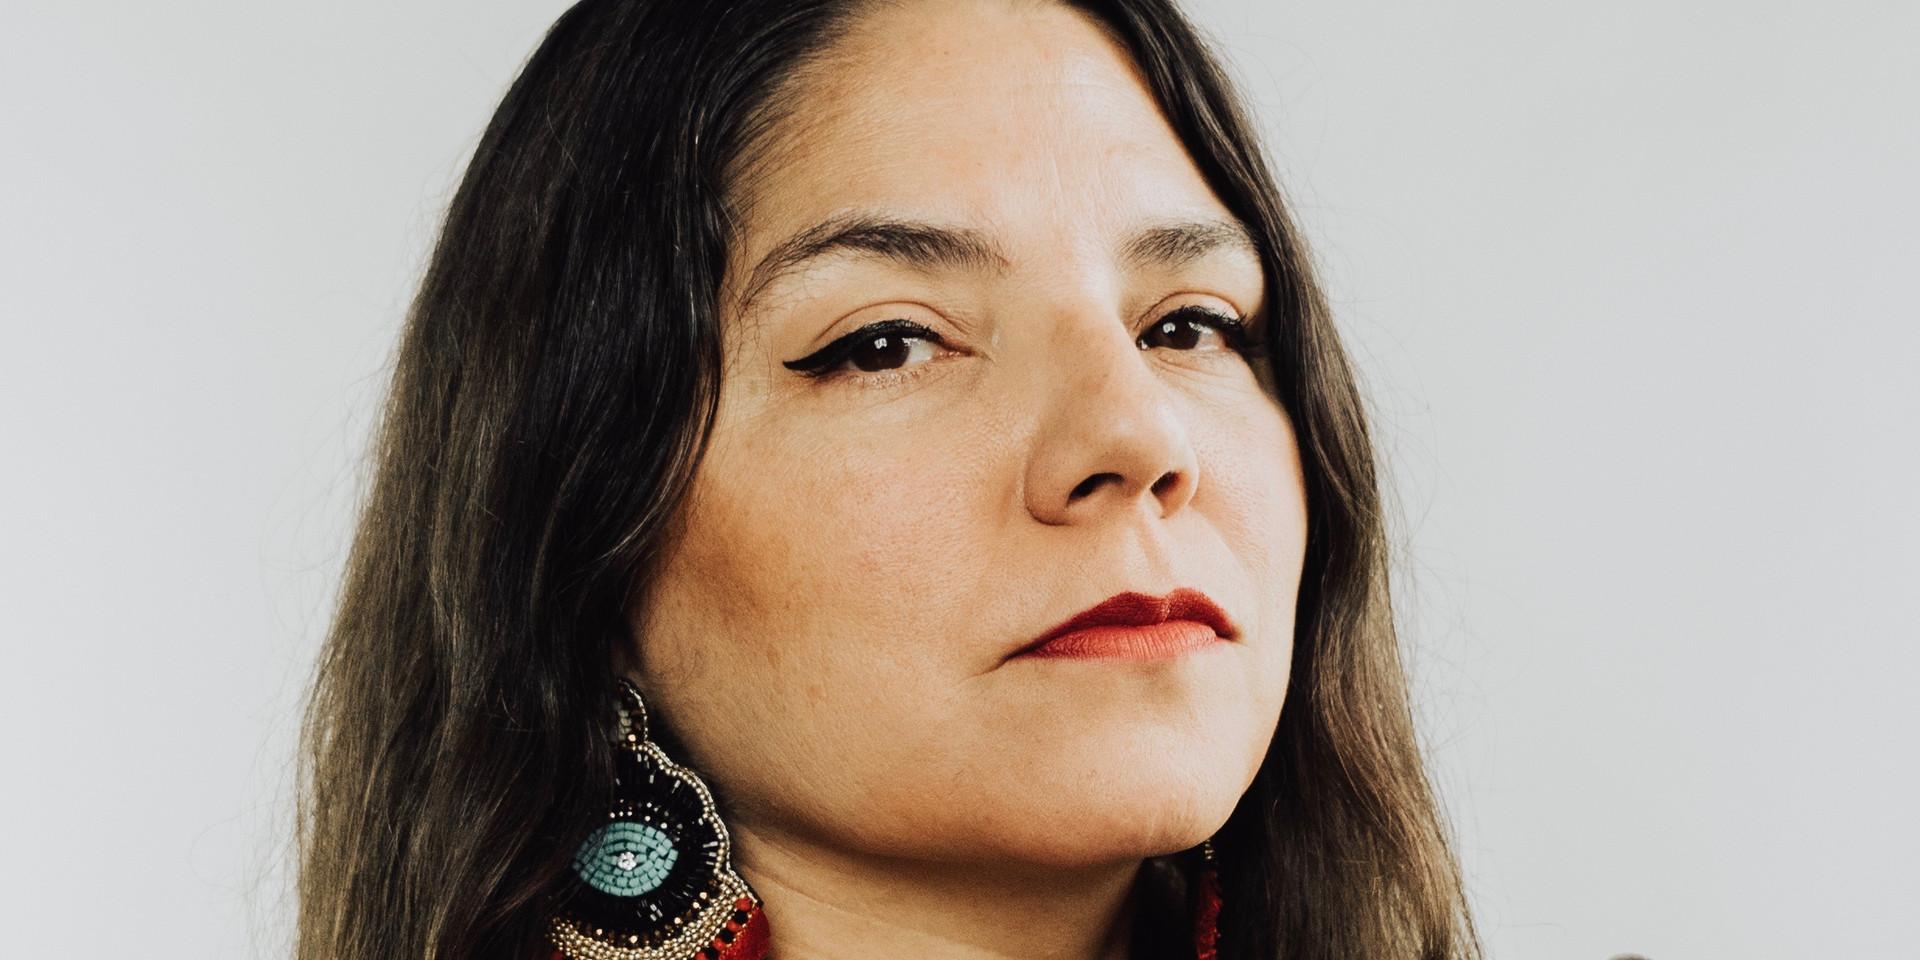 Leticia Hernández-Linares